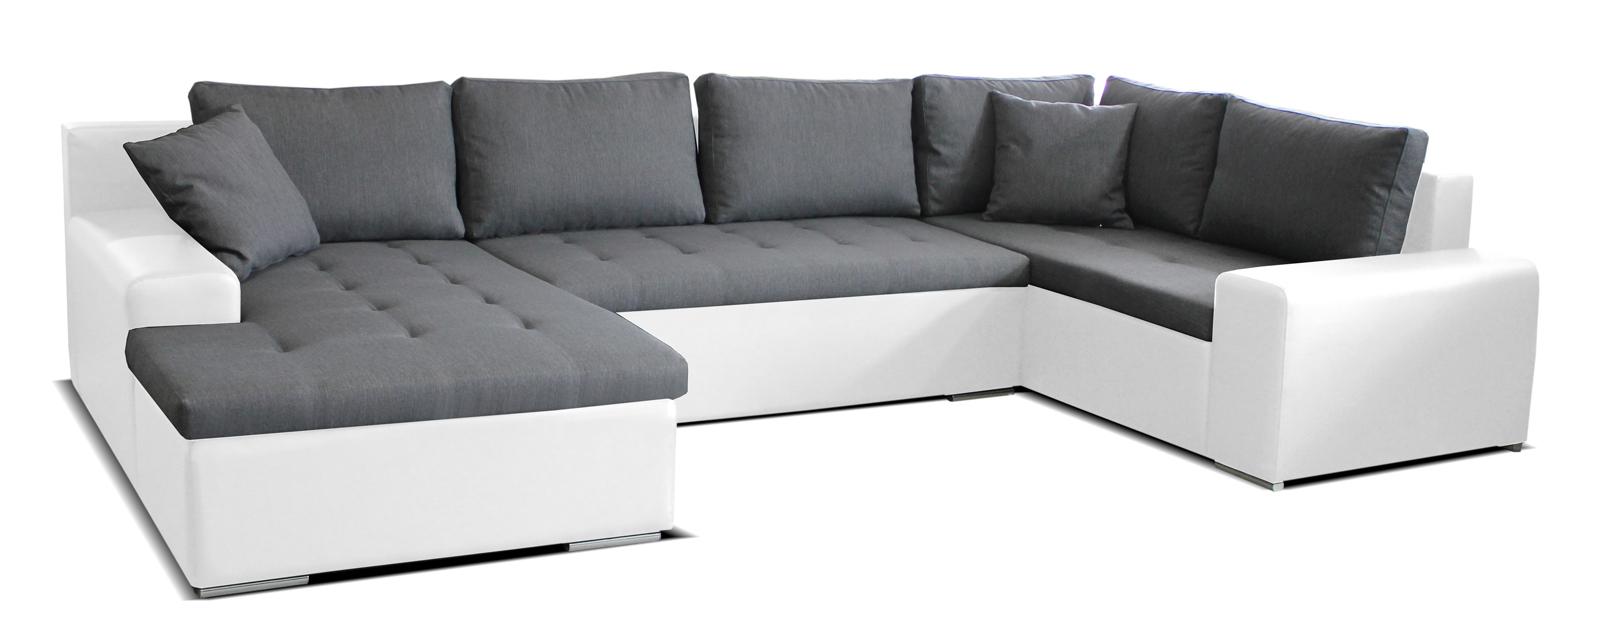 Rohová sedací souprava U - Po-Sed - Moreno L+2+BL (šedá + bílá) (L)